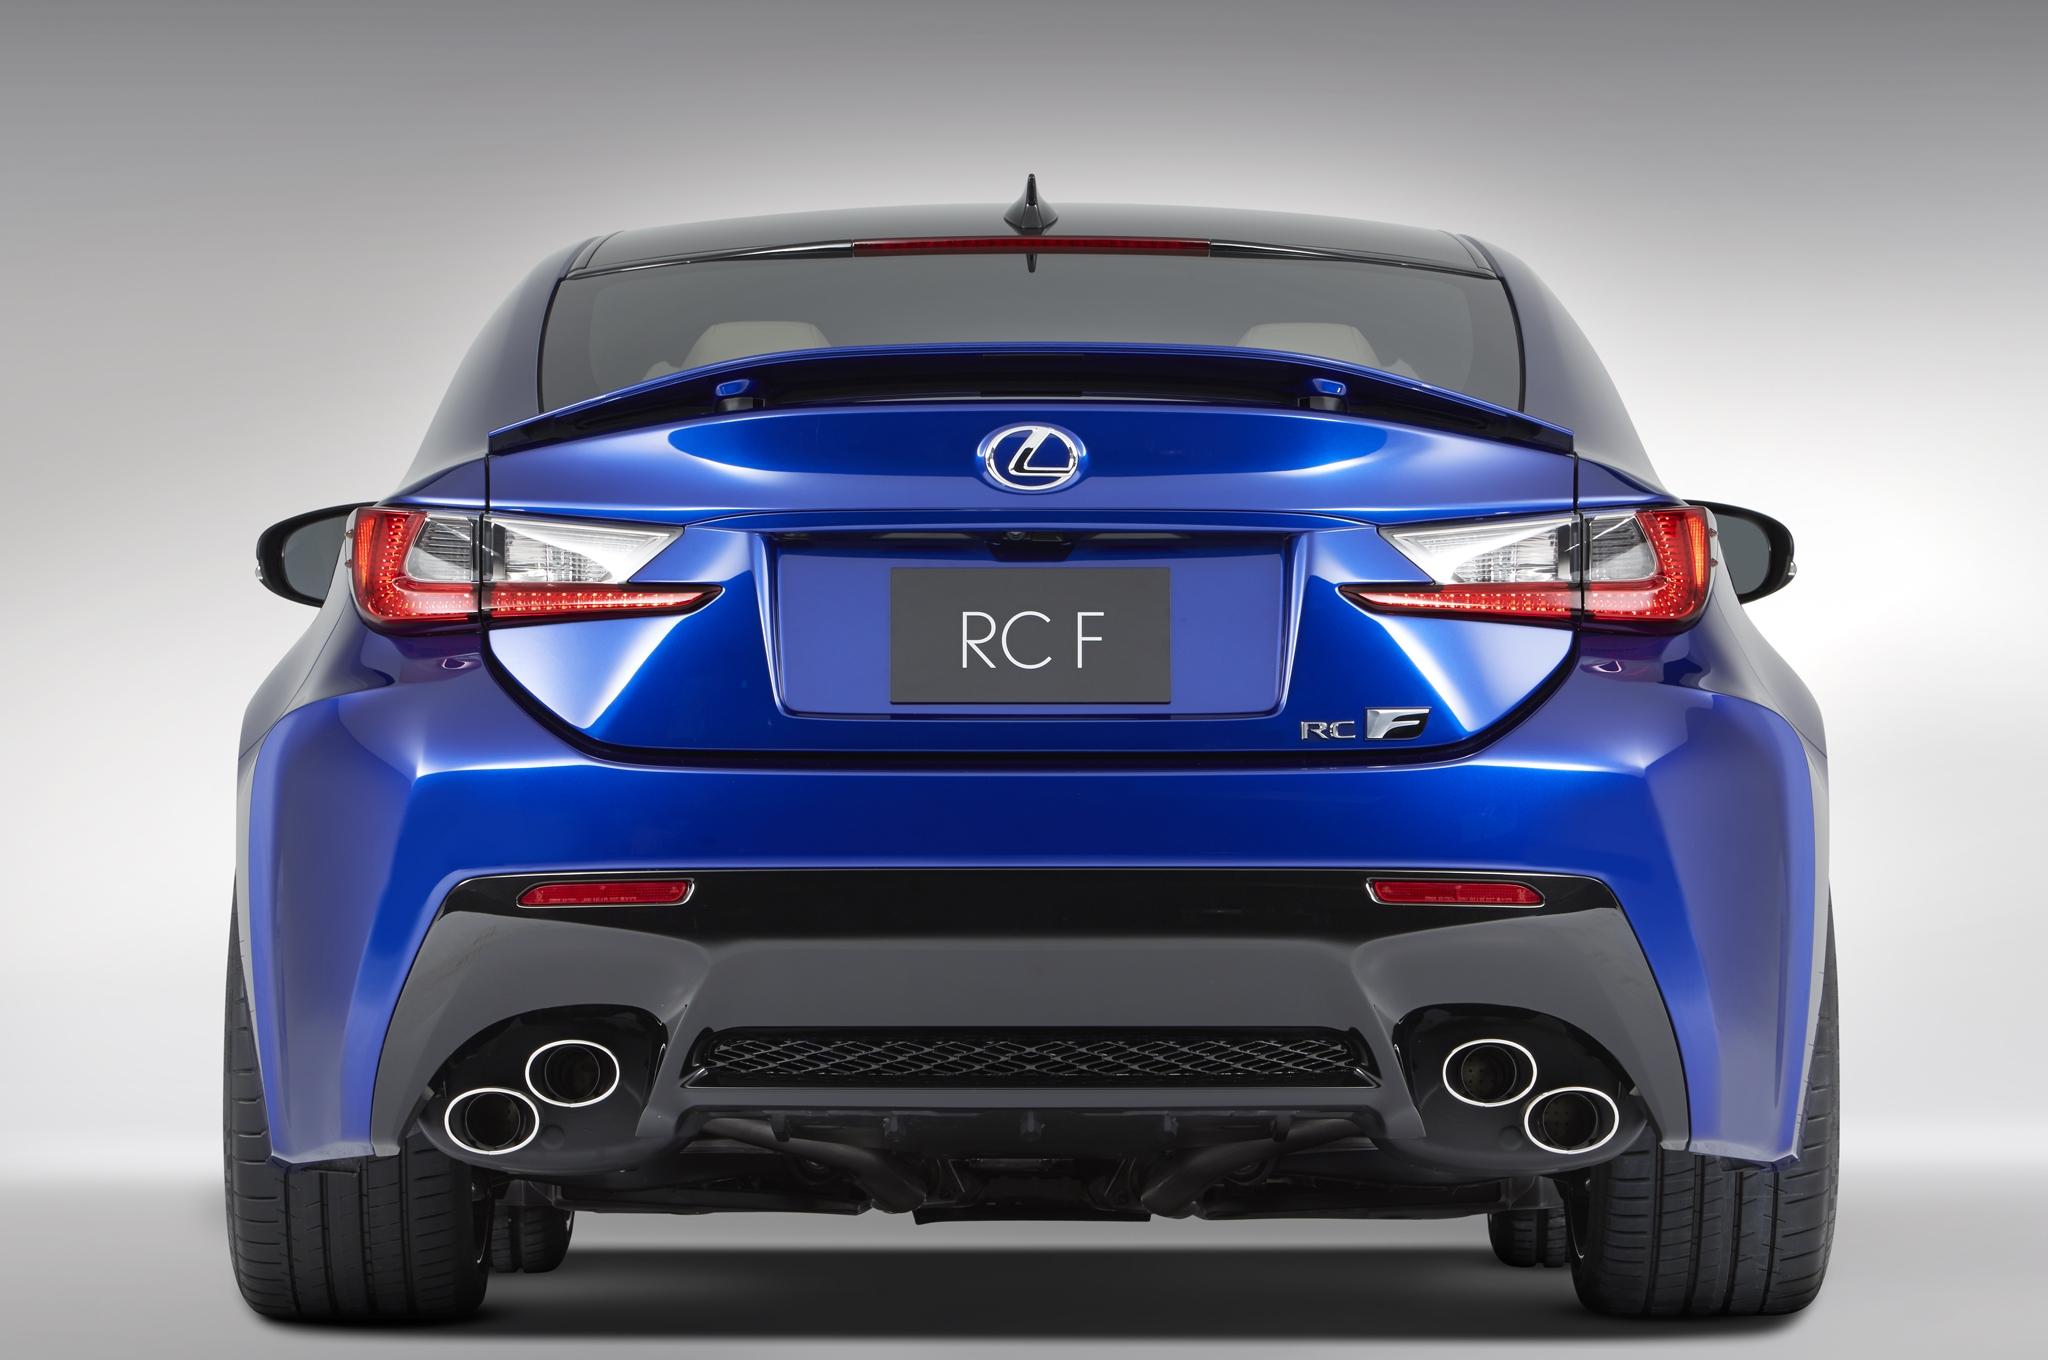 2015 Lexus RC F Rear Photo Details